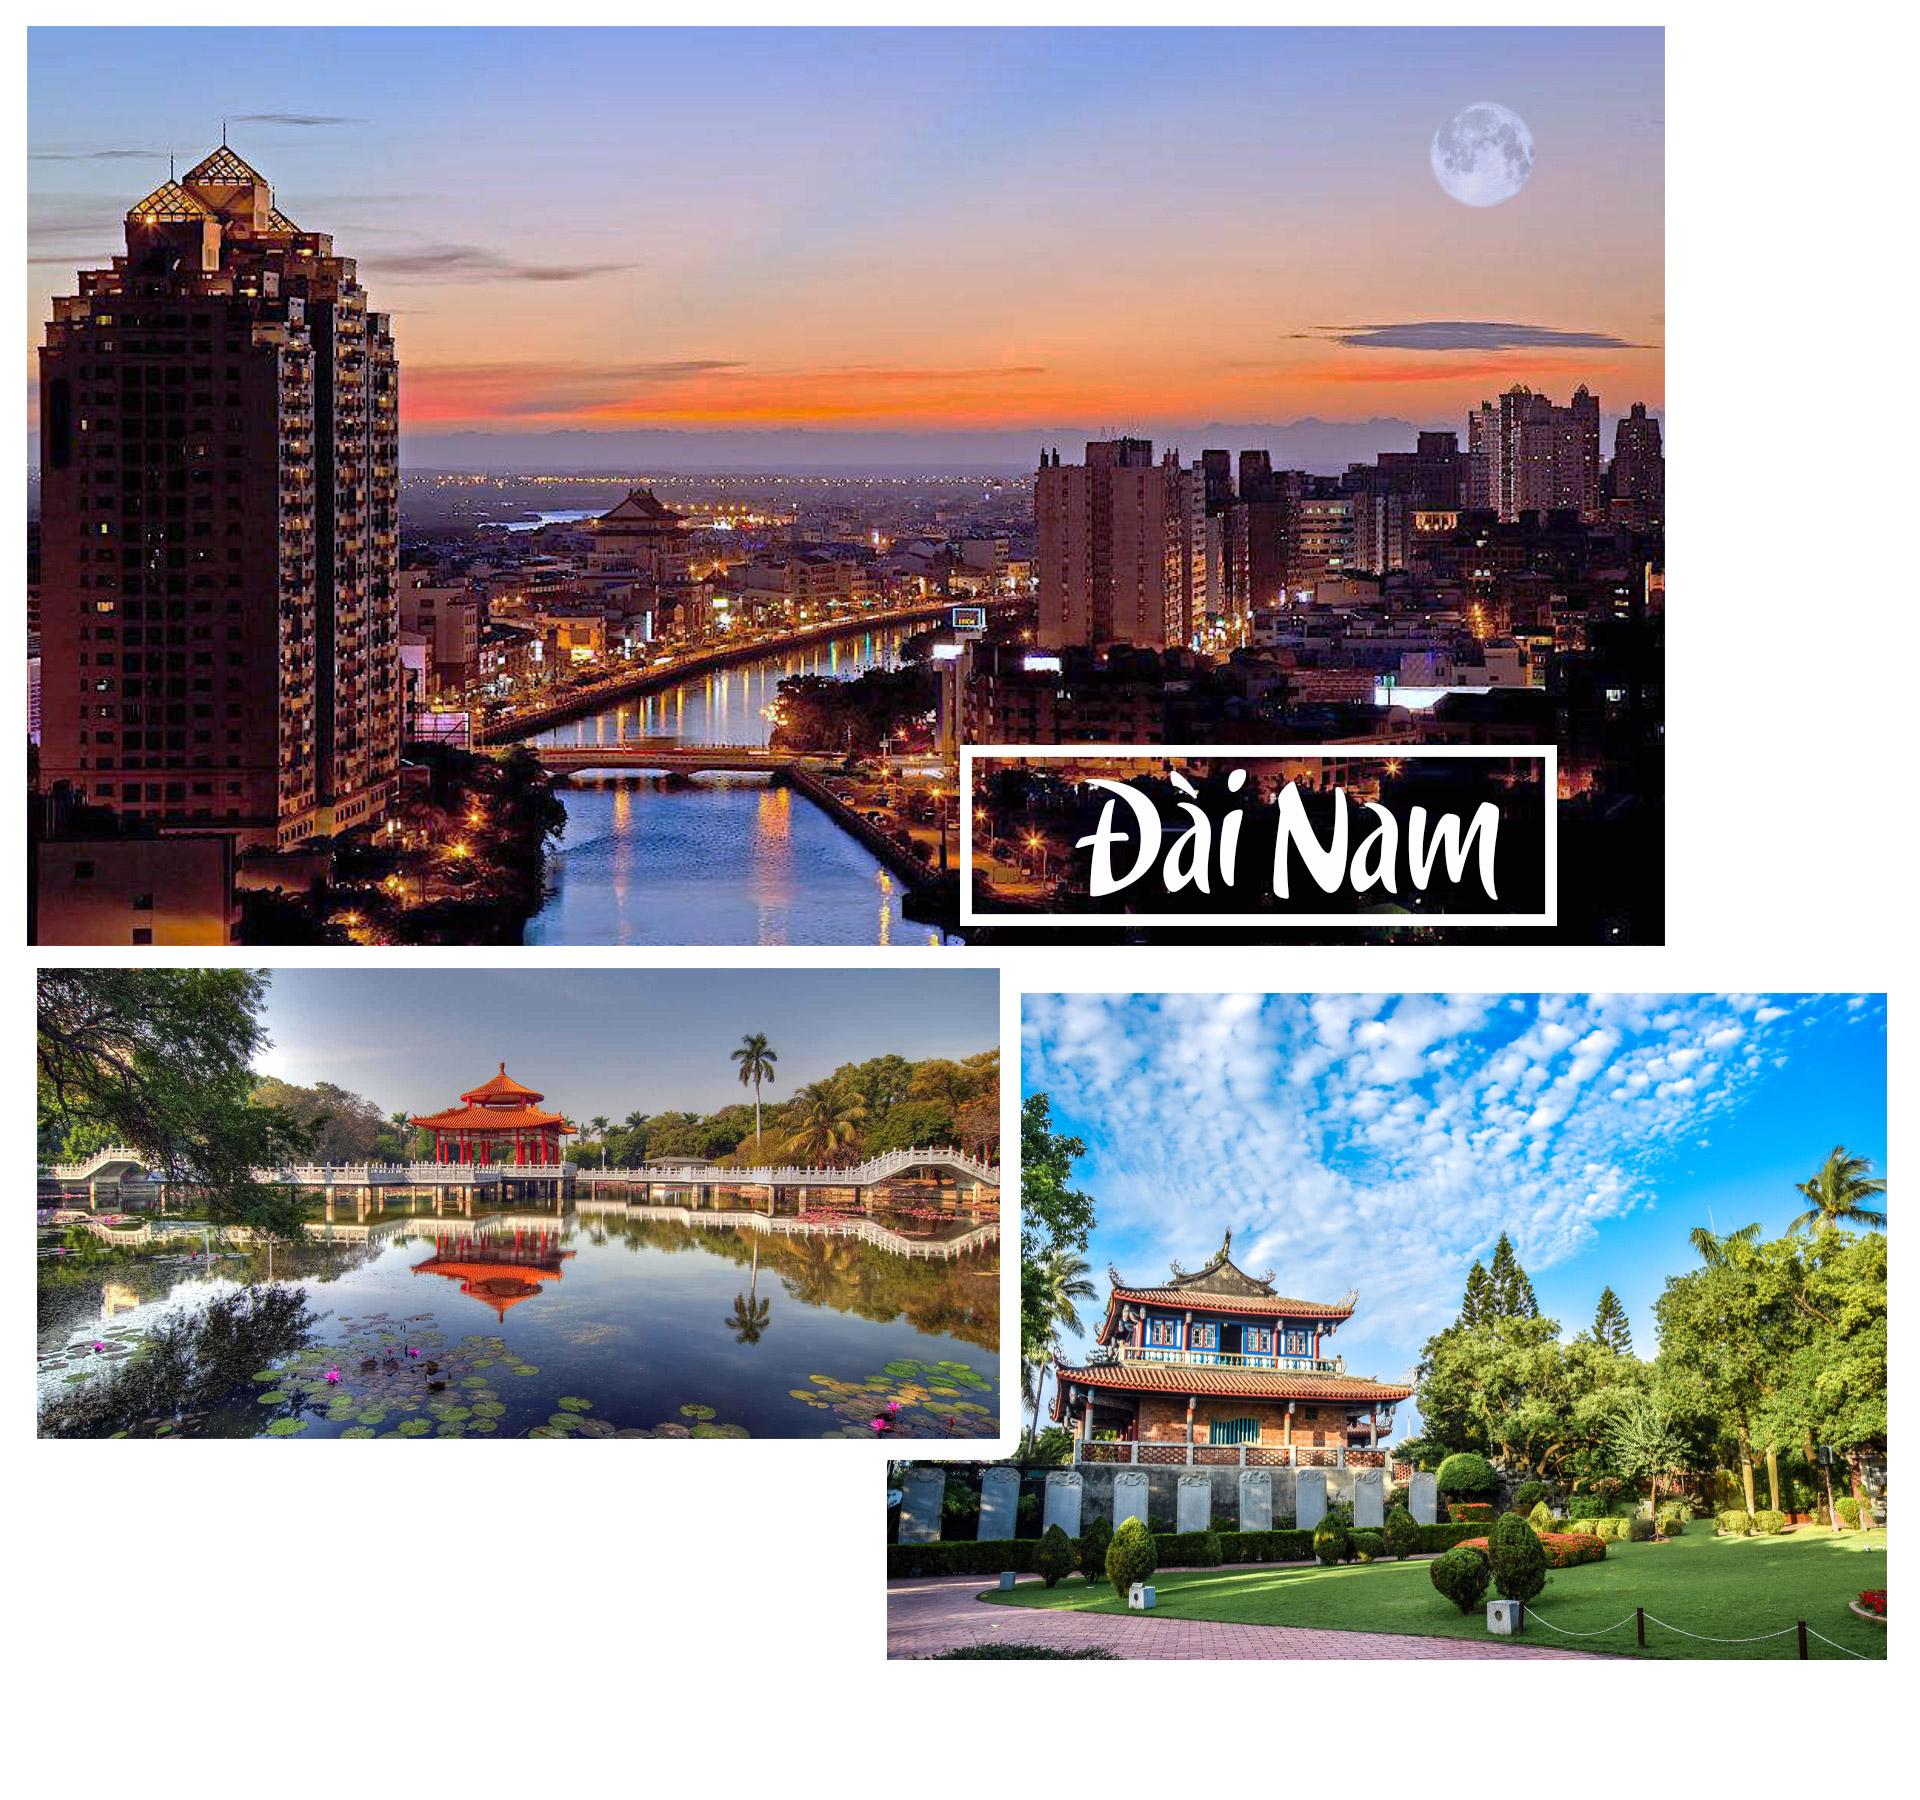 Những điểm đến tuyệt vời nhất Đài Loan - 4